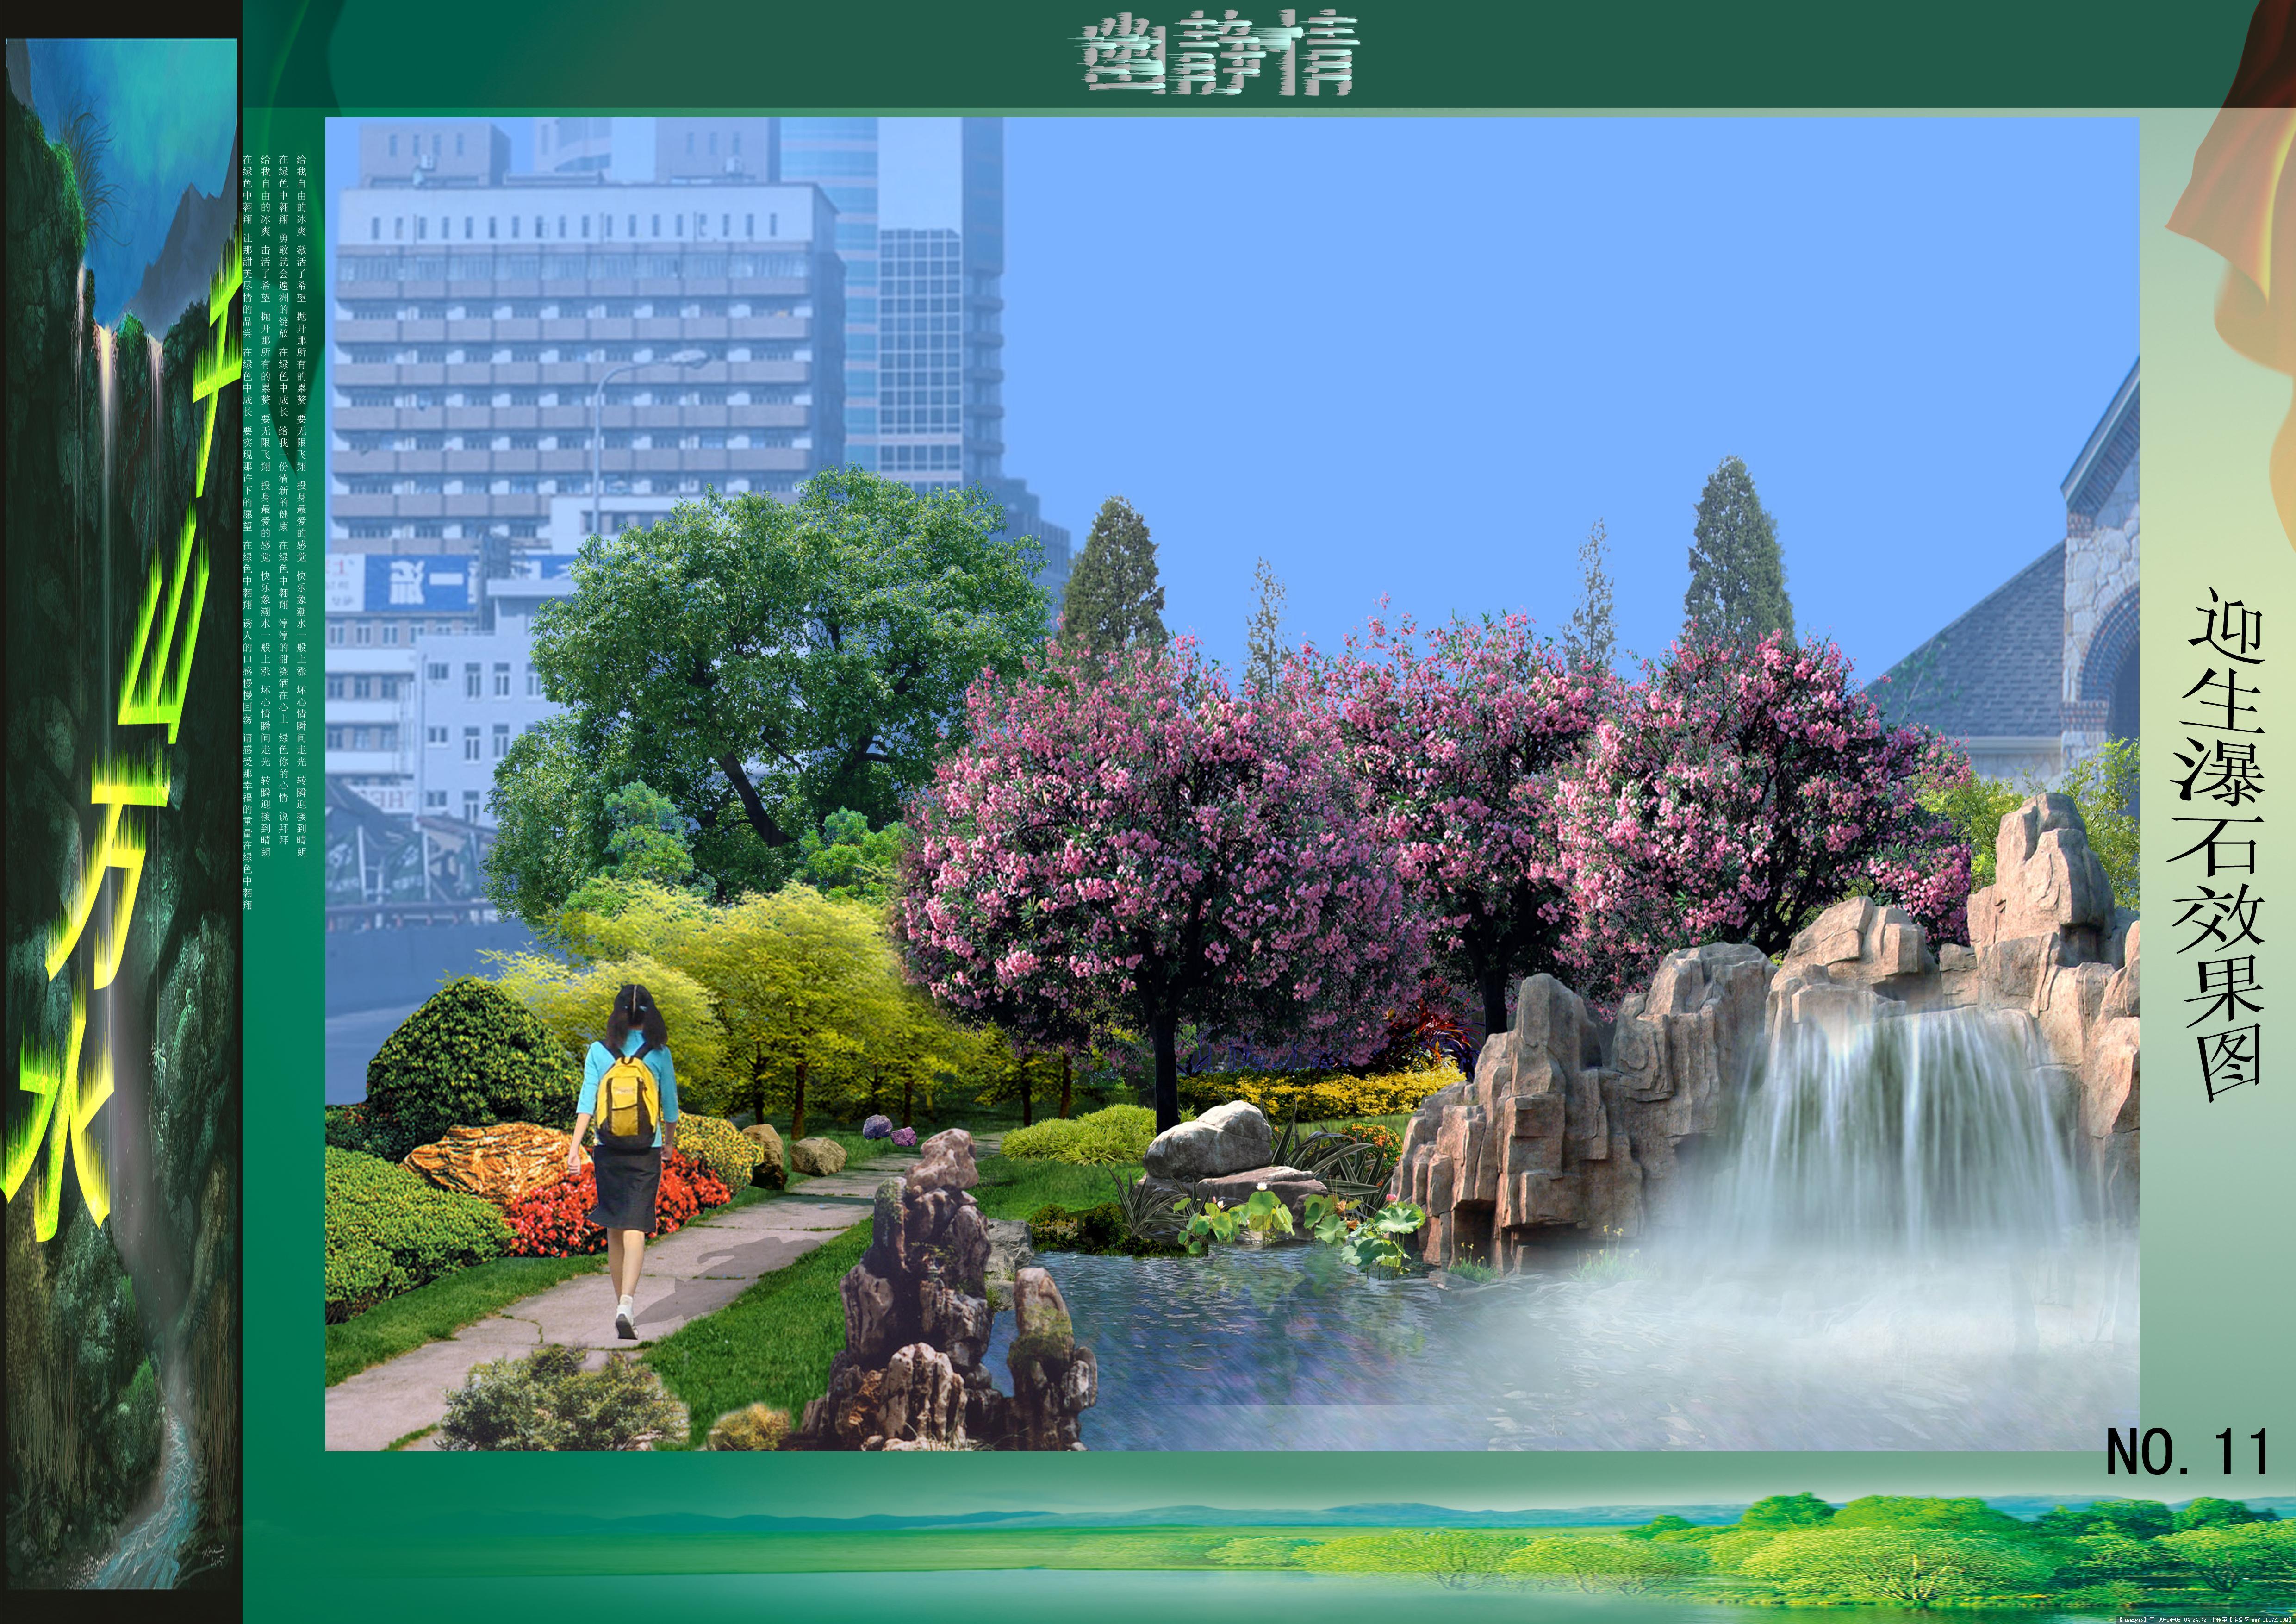 新学院设计的图片浏览,园林效 果图,校园景观,园林_.